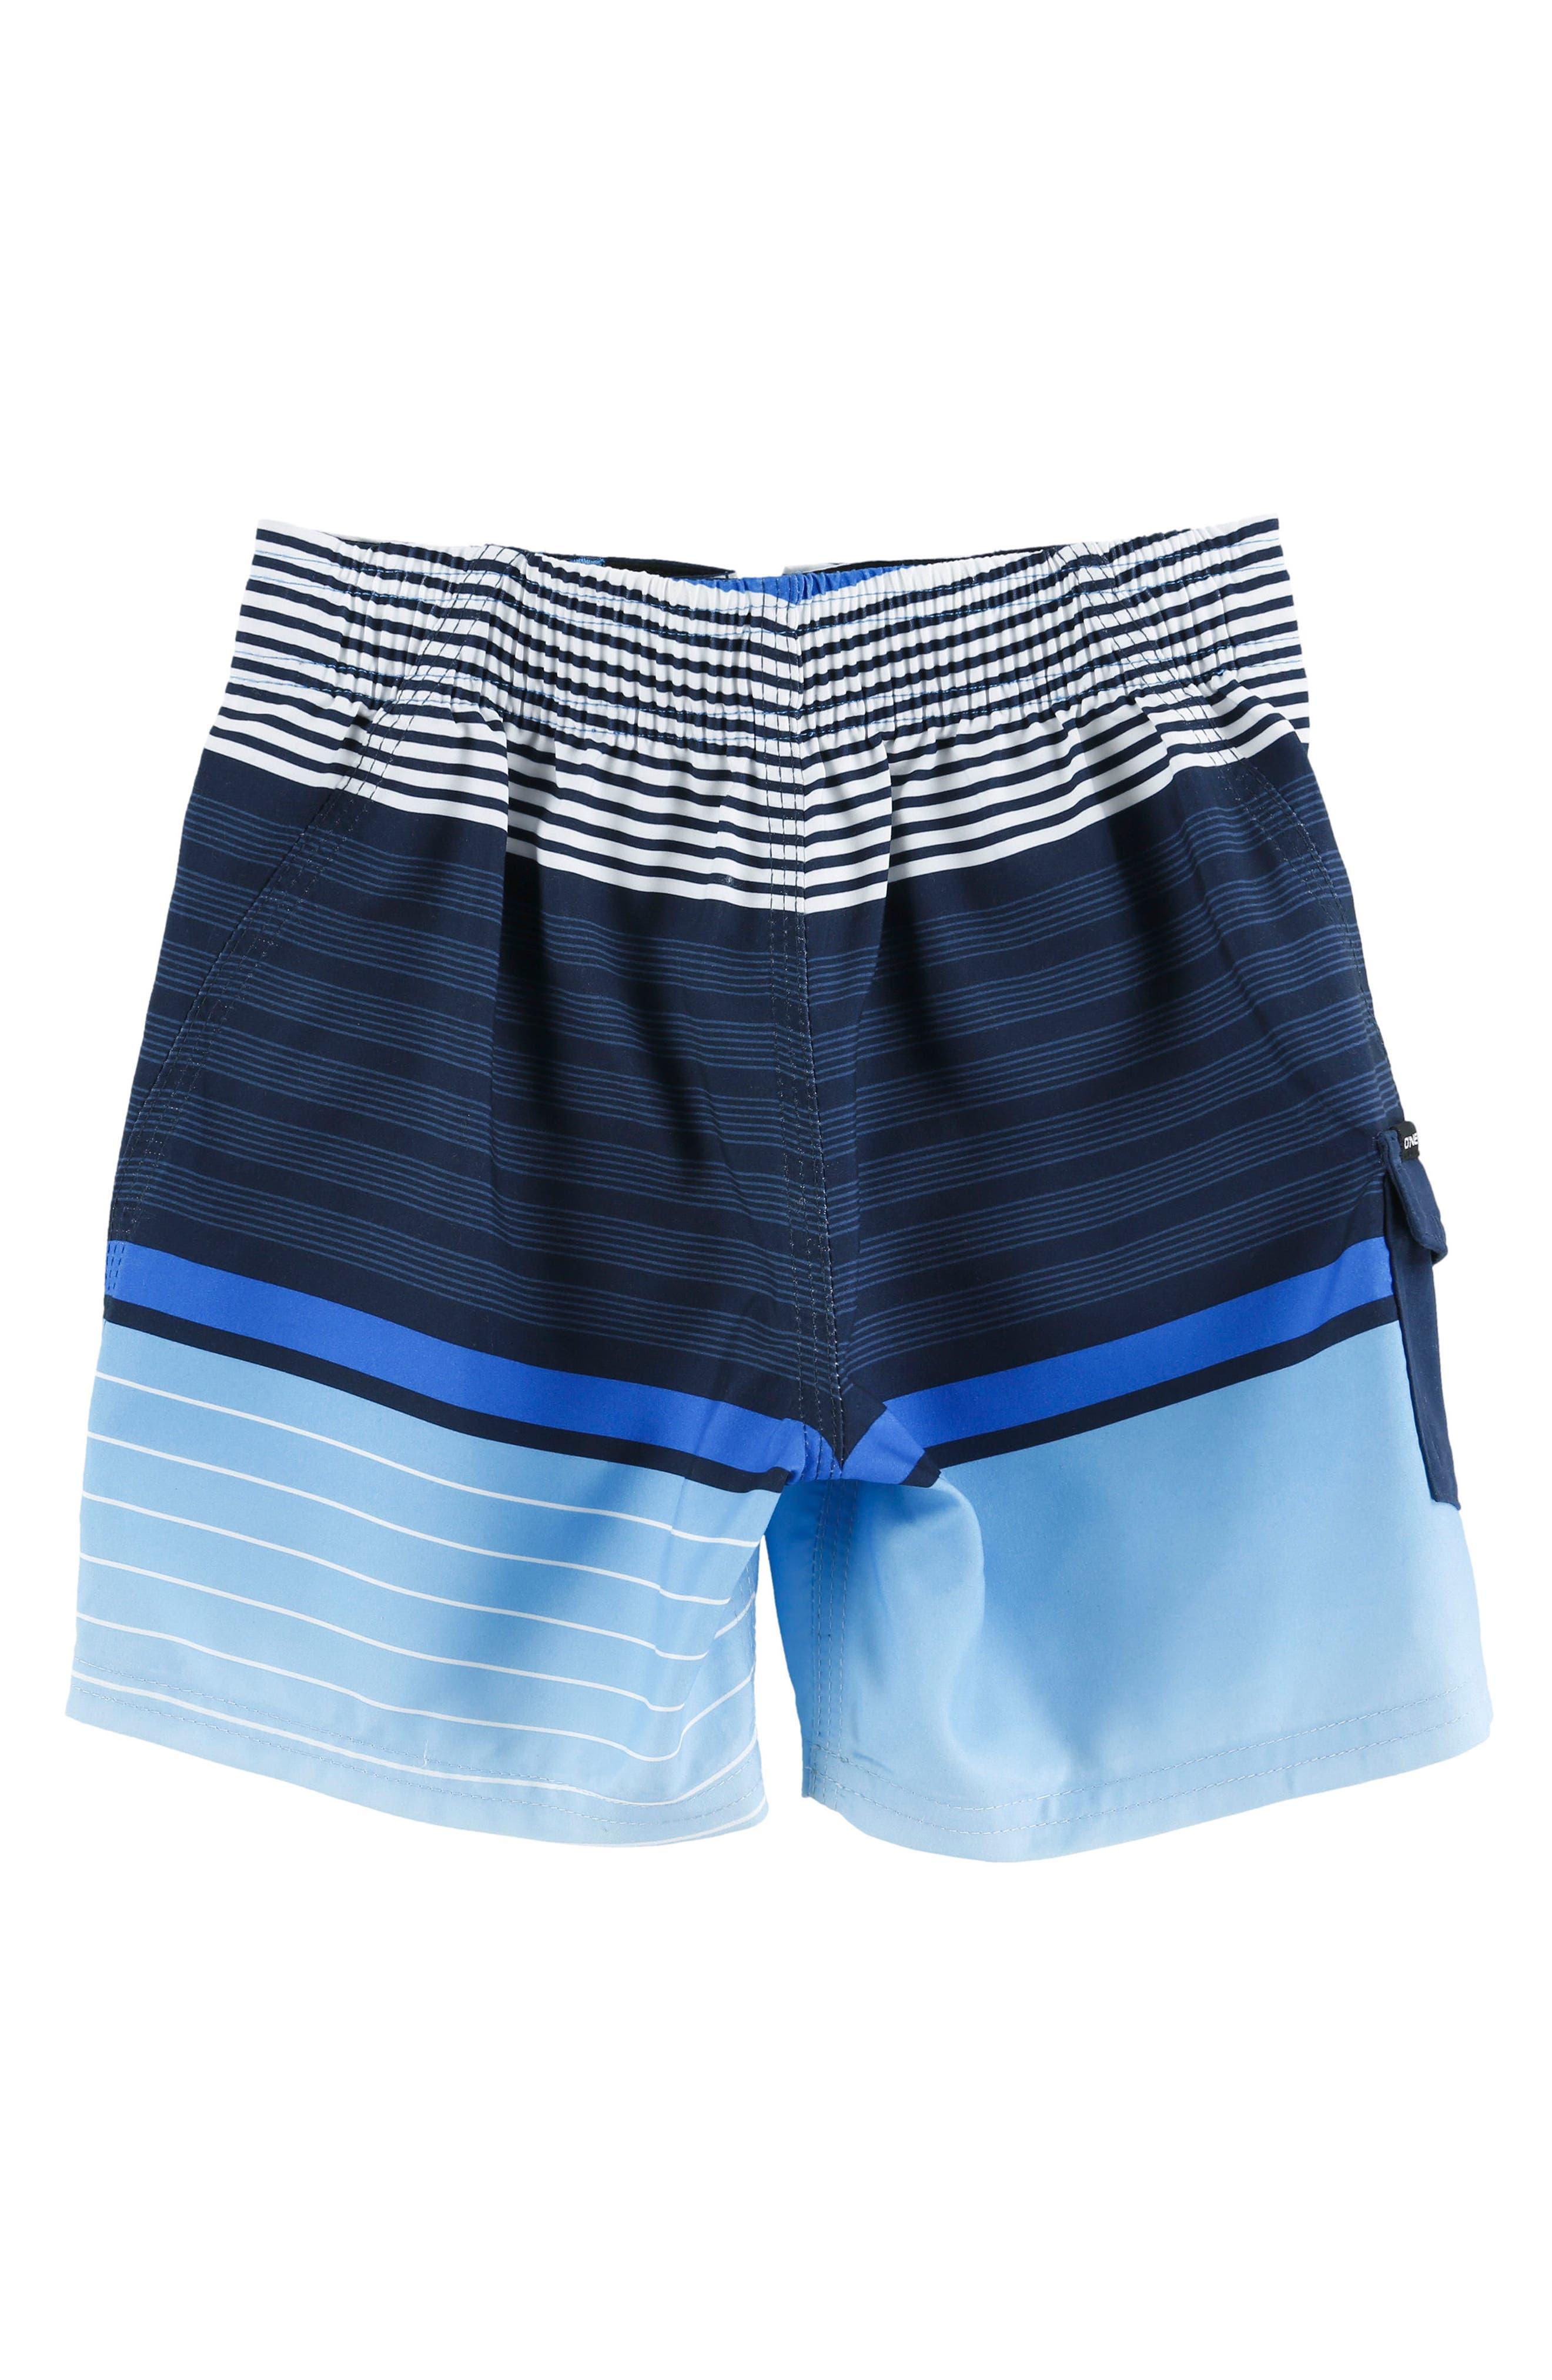 Lennox Stripe Board Shorts,                             Alternate thumbnail 6, color,